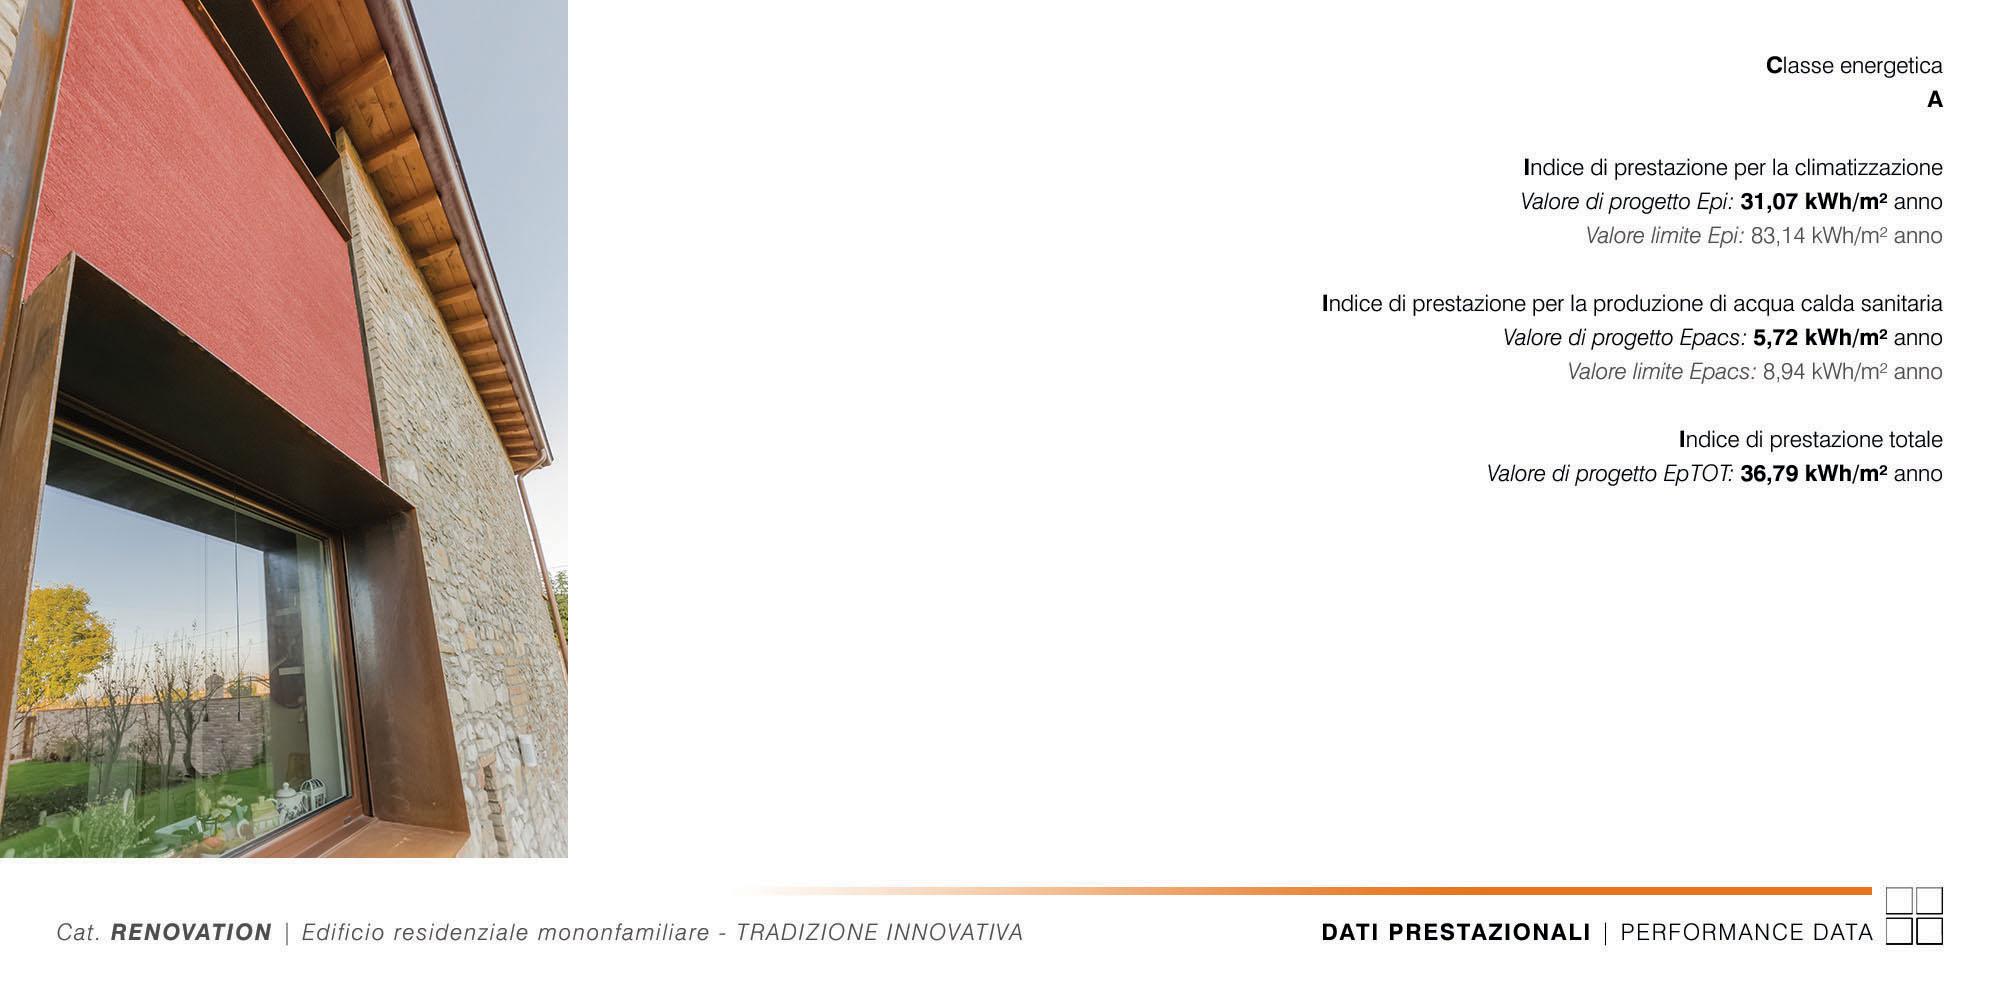 Edificio Residenziale Monofamiliare - TRADIZIONE INNOVATIVA - 013 - Performance Data }